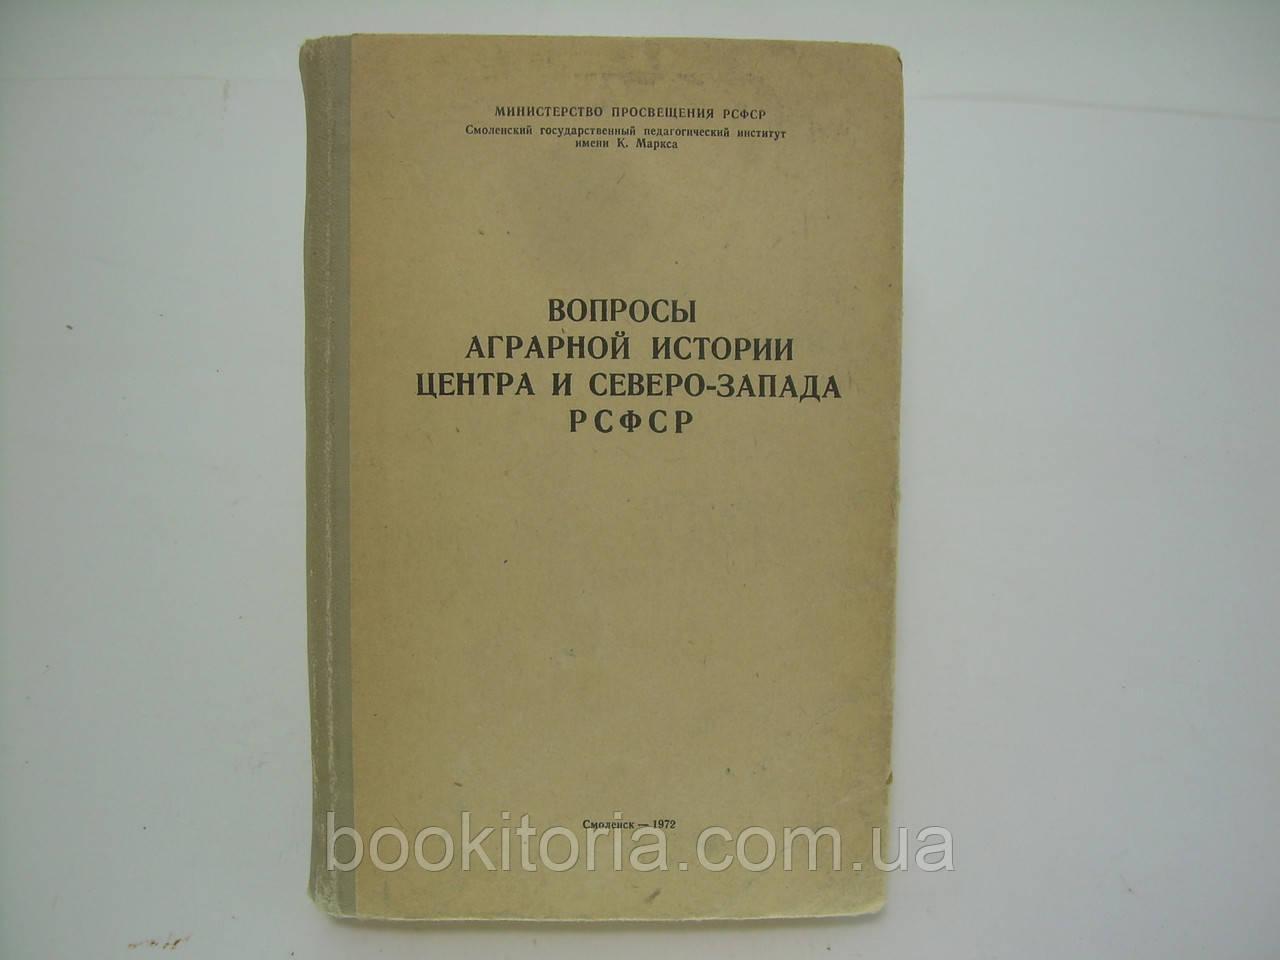 Вопросы аграрной истории центра и Северо-запада ЦСЗ РСФСР (б/у).